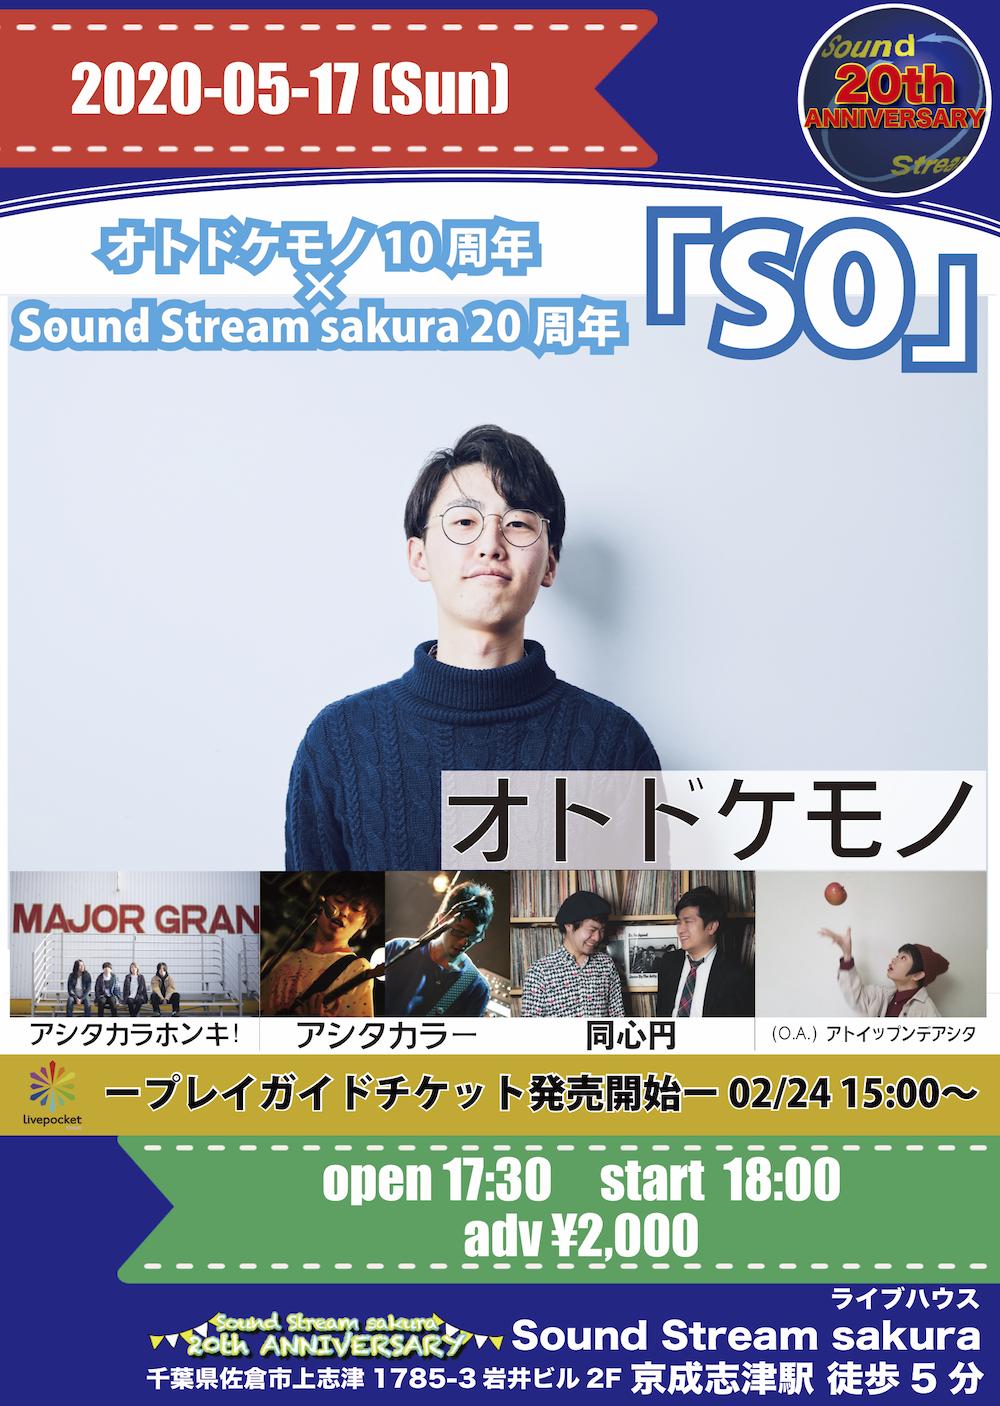 オトドケモノ10周年×Sound Stream sakura 20周年「SO」